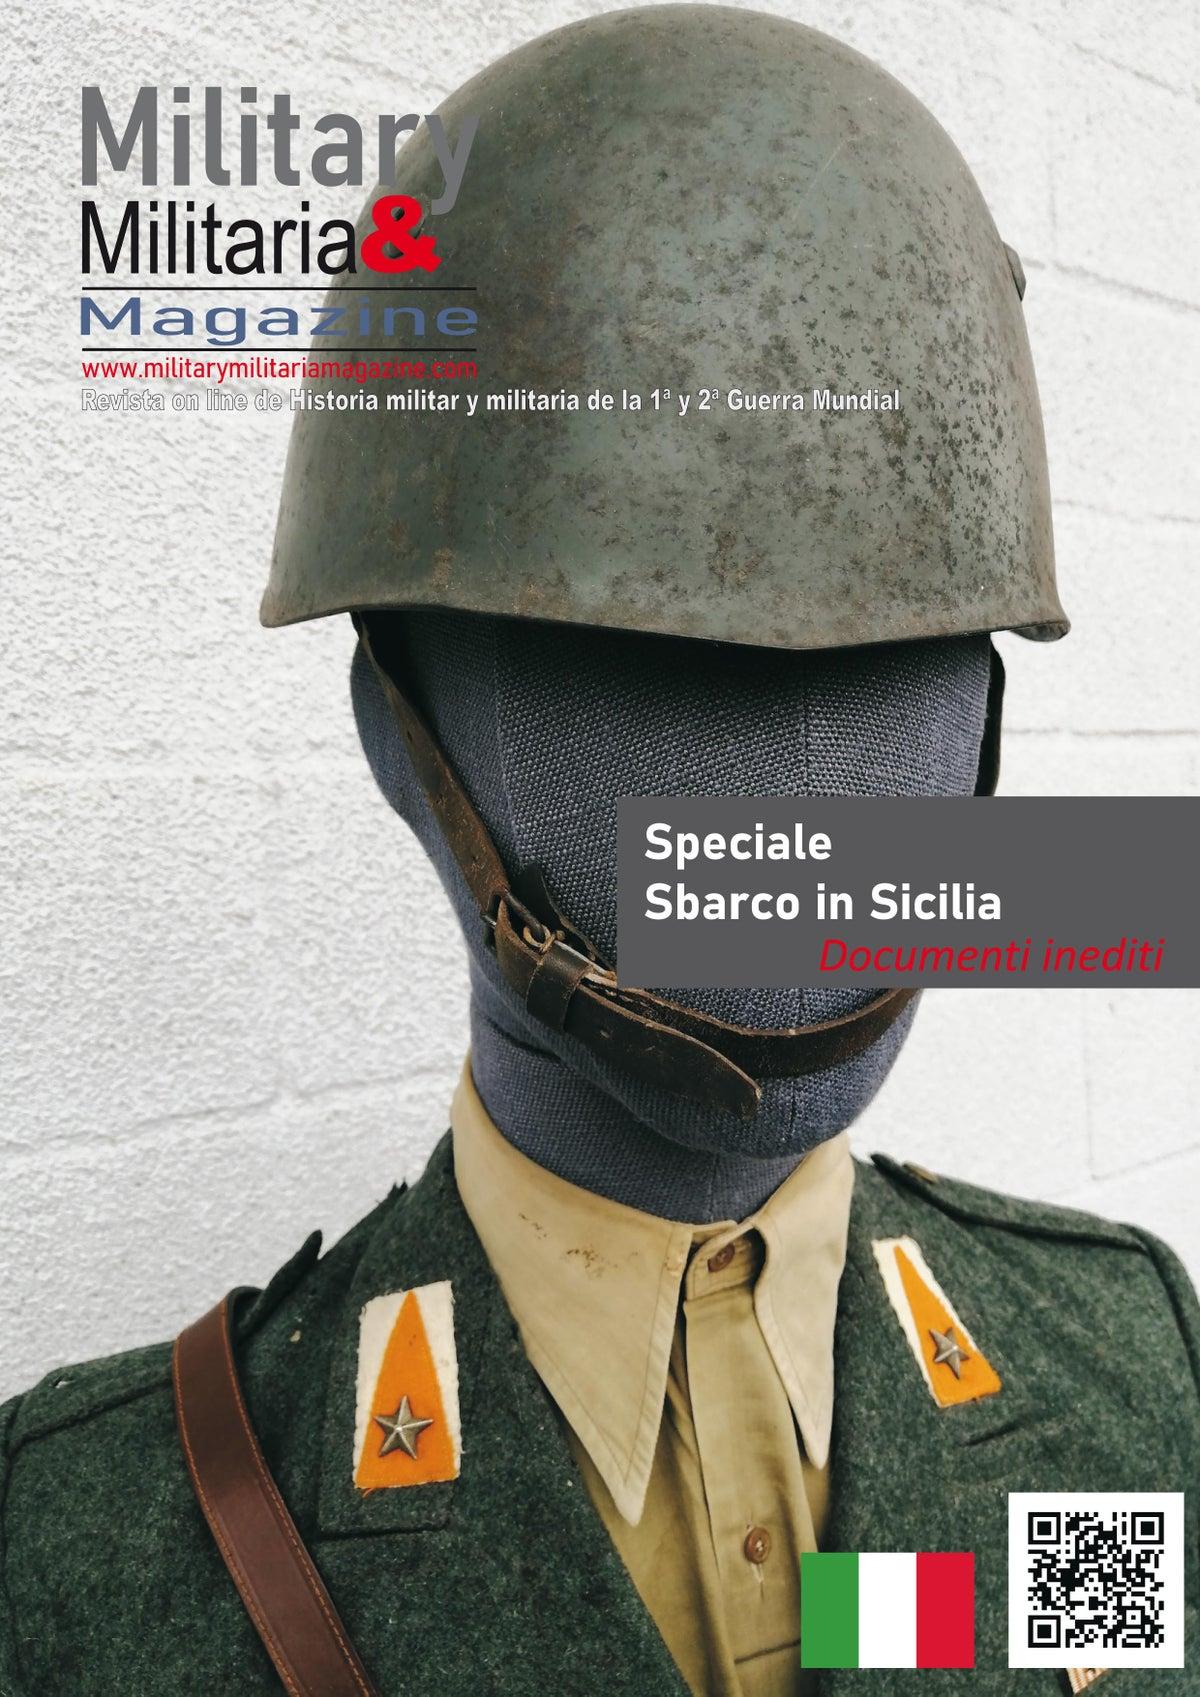 Military & Militaria Magazine. Numero Speciale sbarco in Sicilia 2. Documenti inediti. Versione PDF